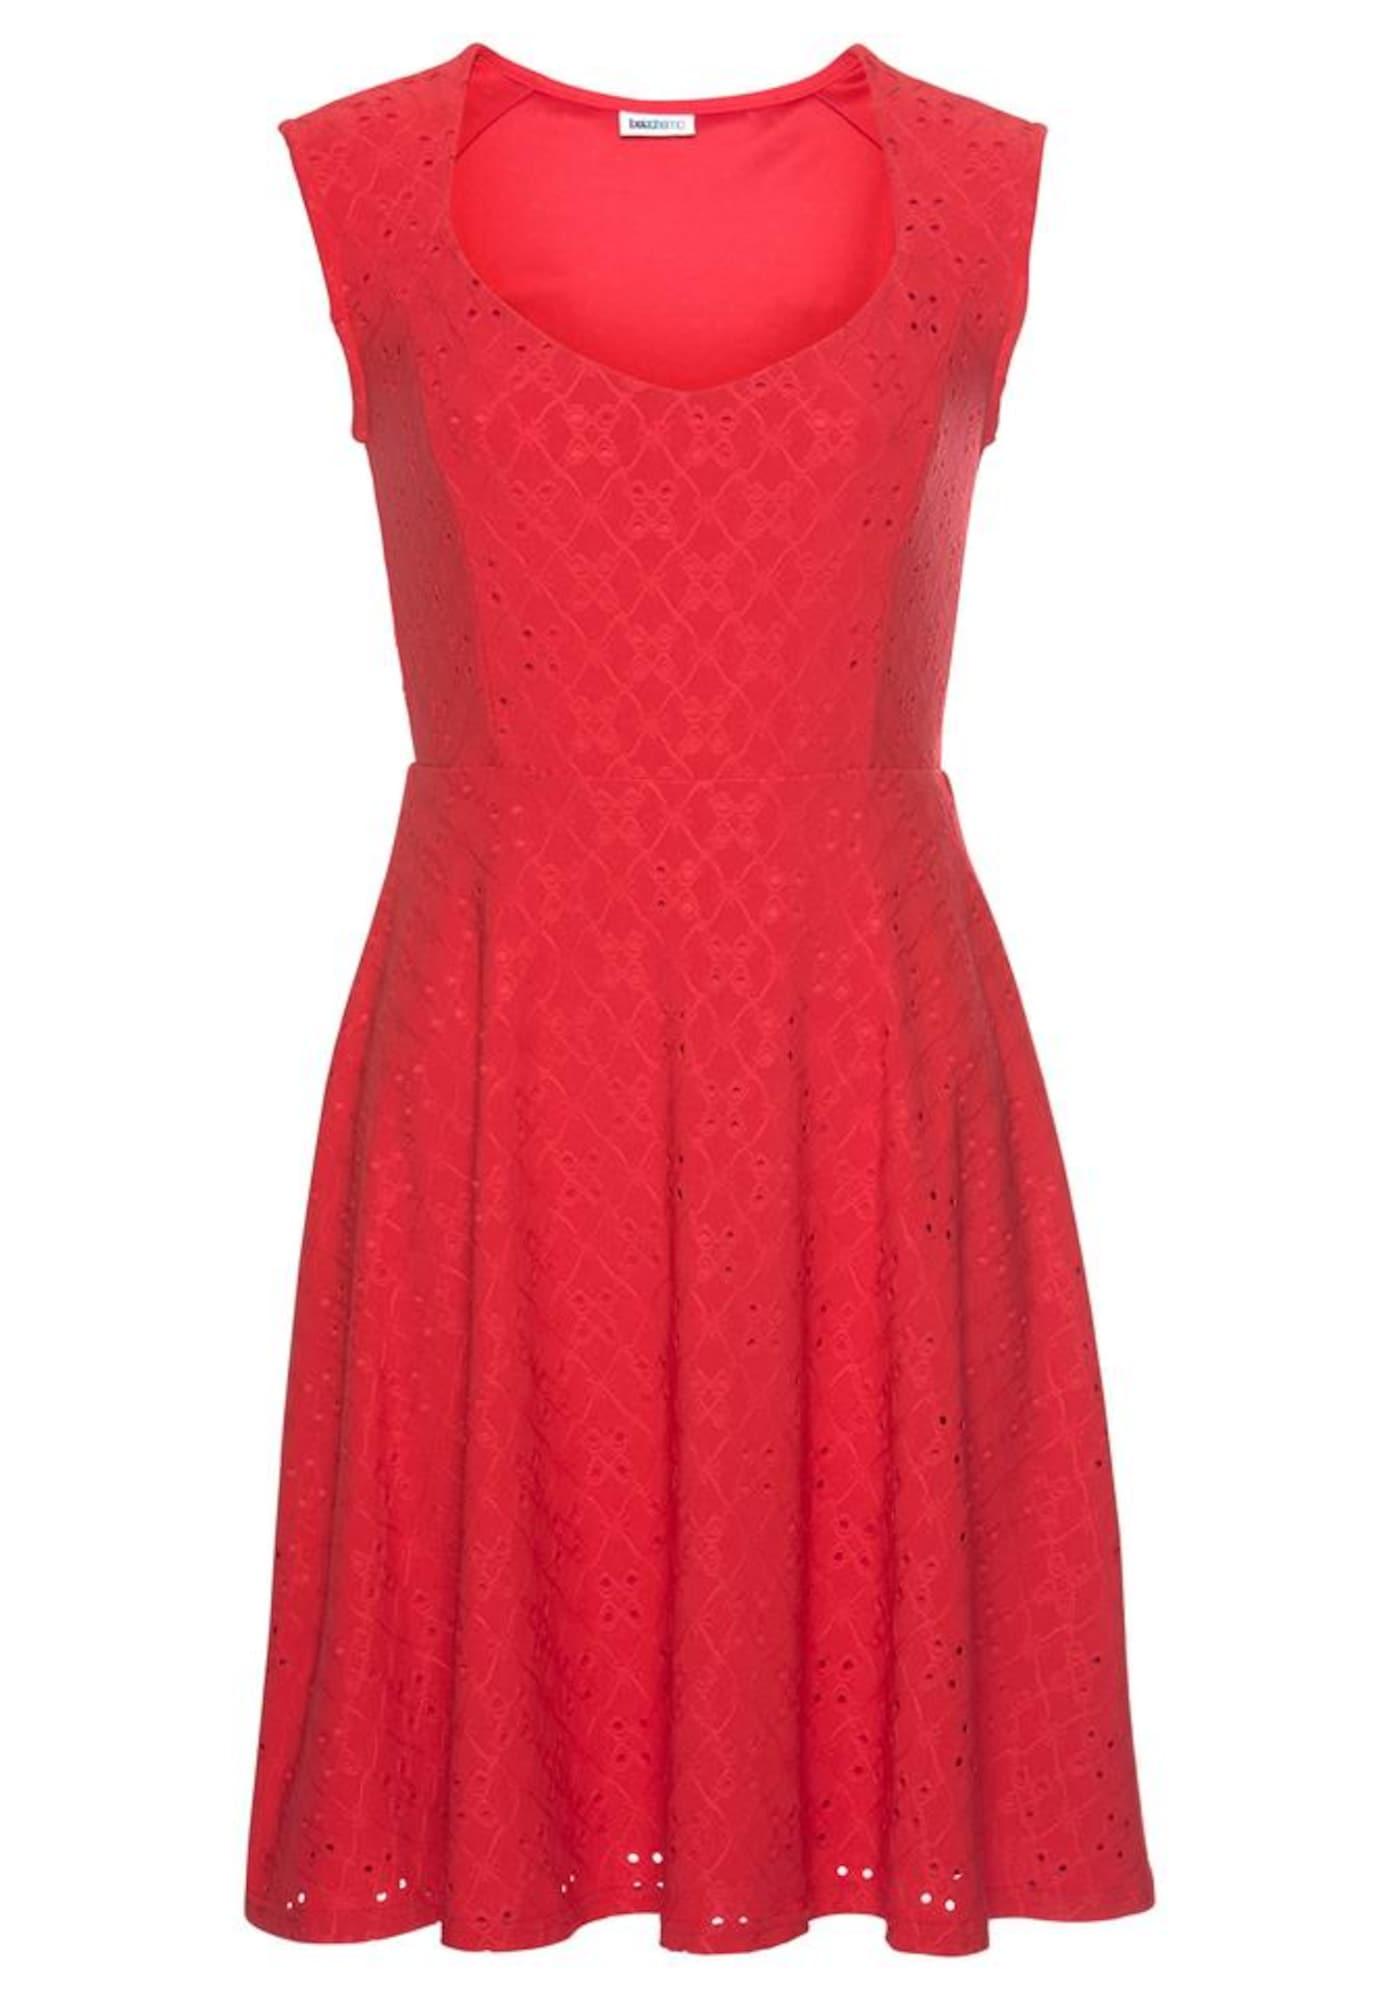 BEACH TIME Vasarinė suknelė raudona